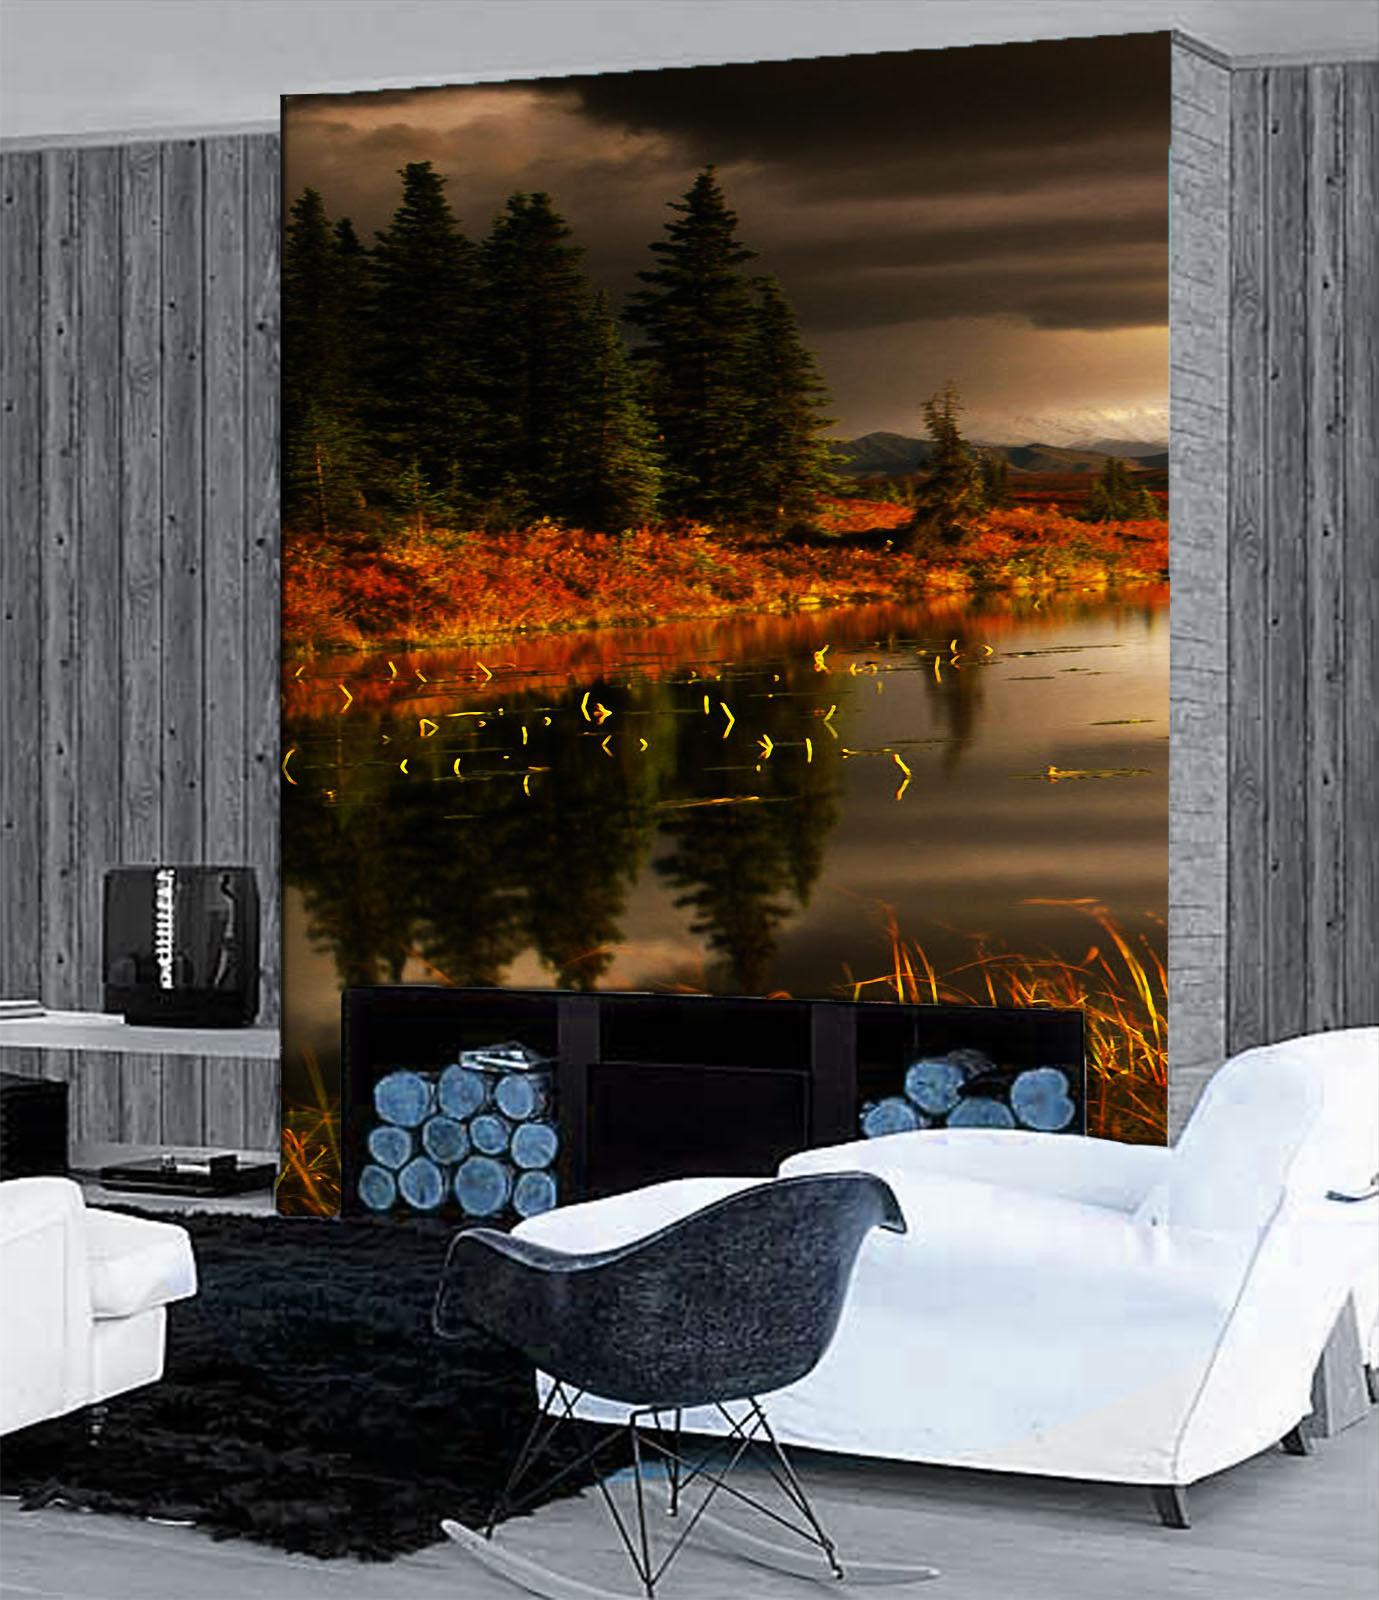 Papel Papel Papel Pintado Mural De Vellón Árboles Del Lago 3 Paisaje Fondo De Pantalla ES AJ 7f7f6d